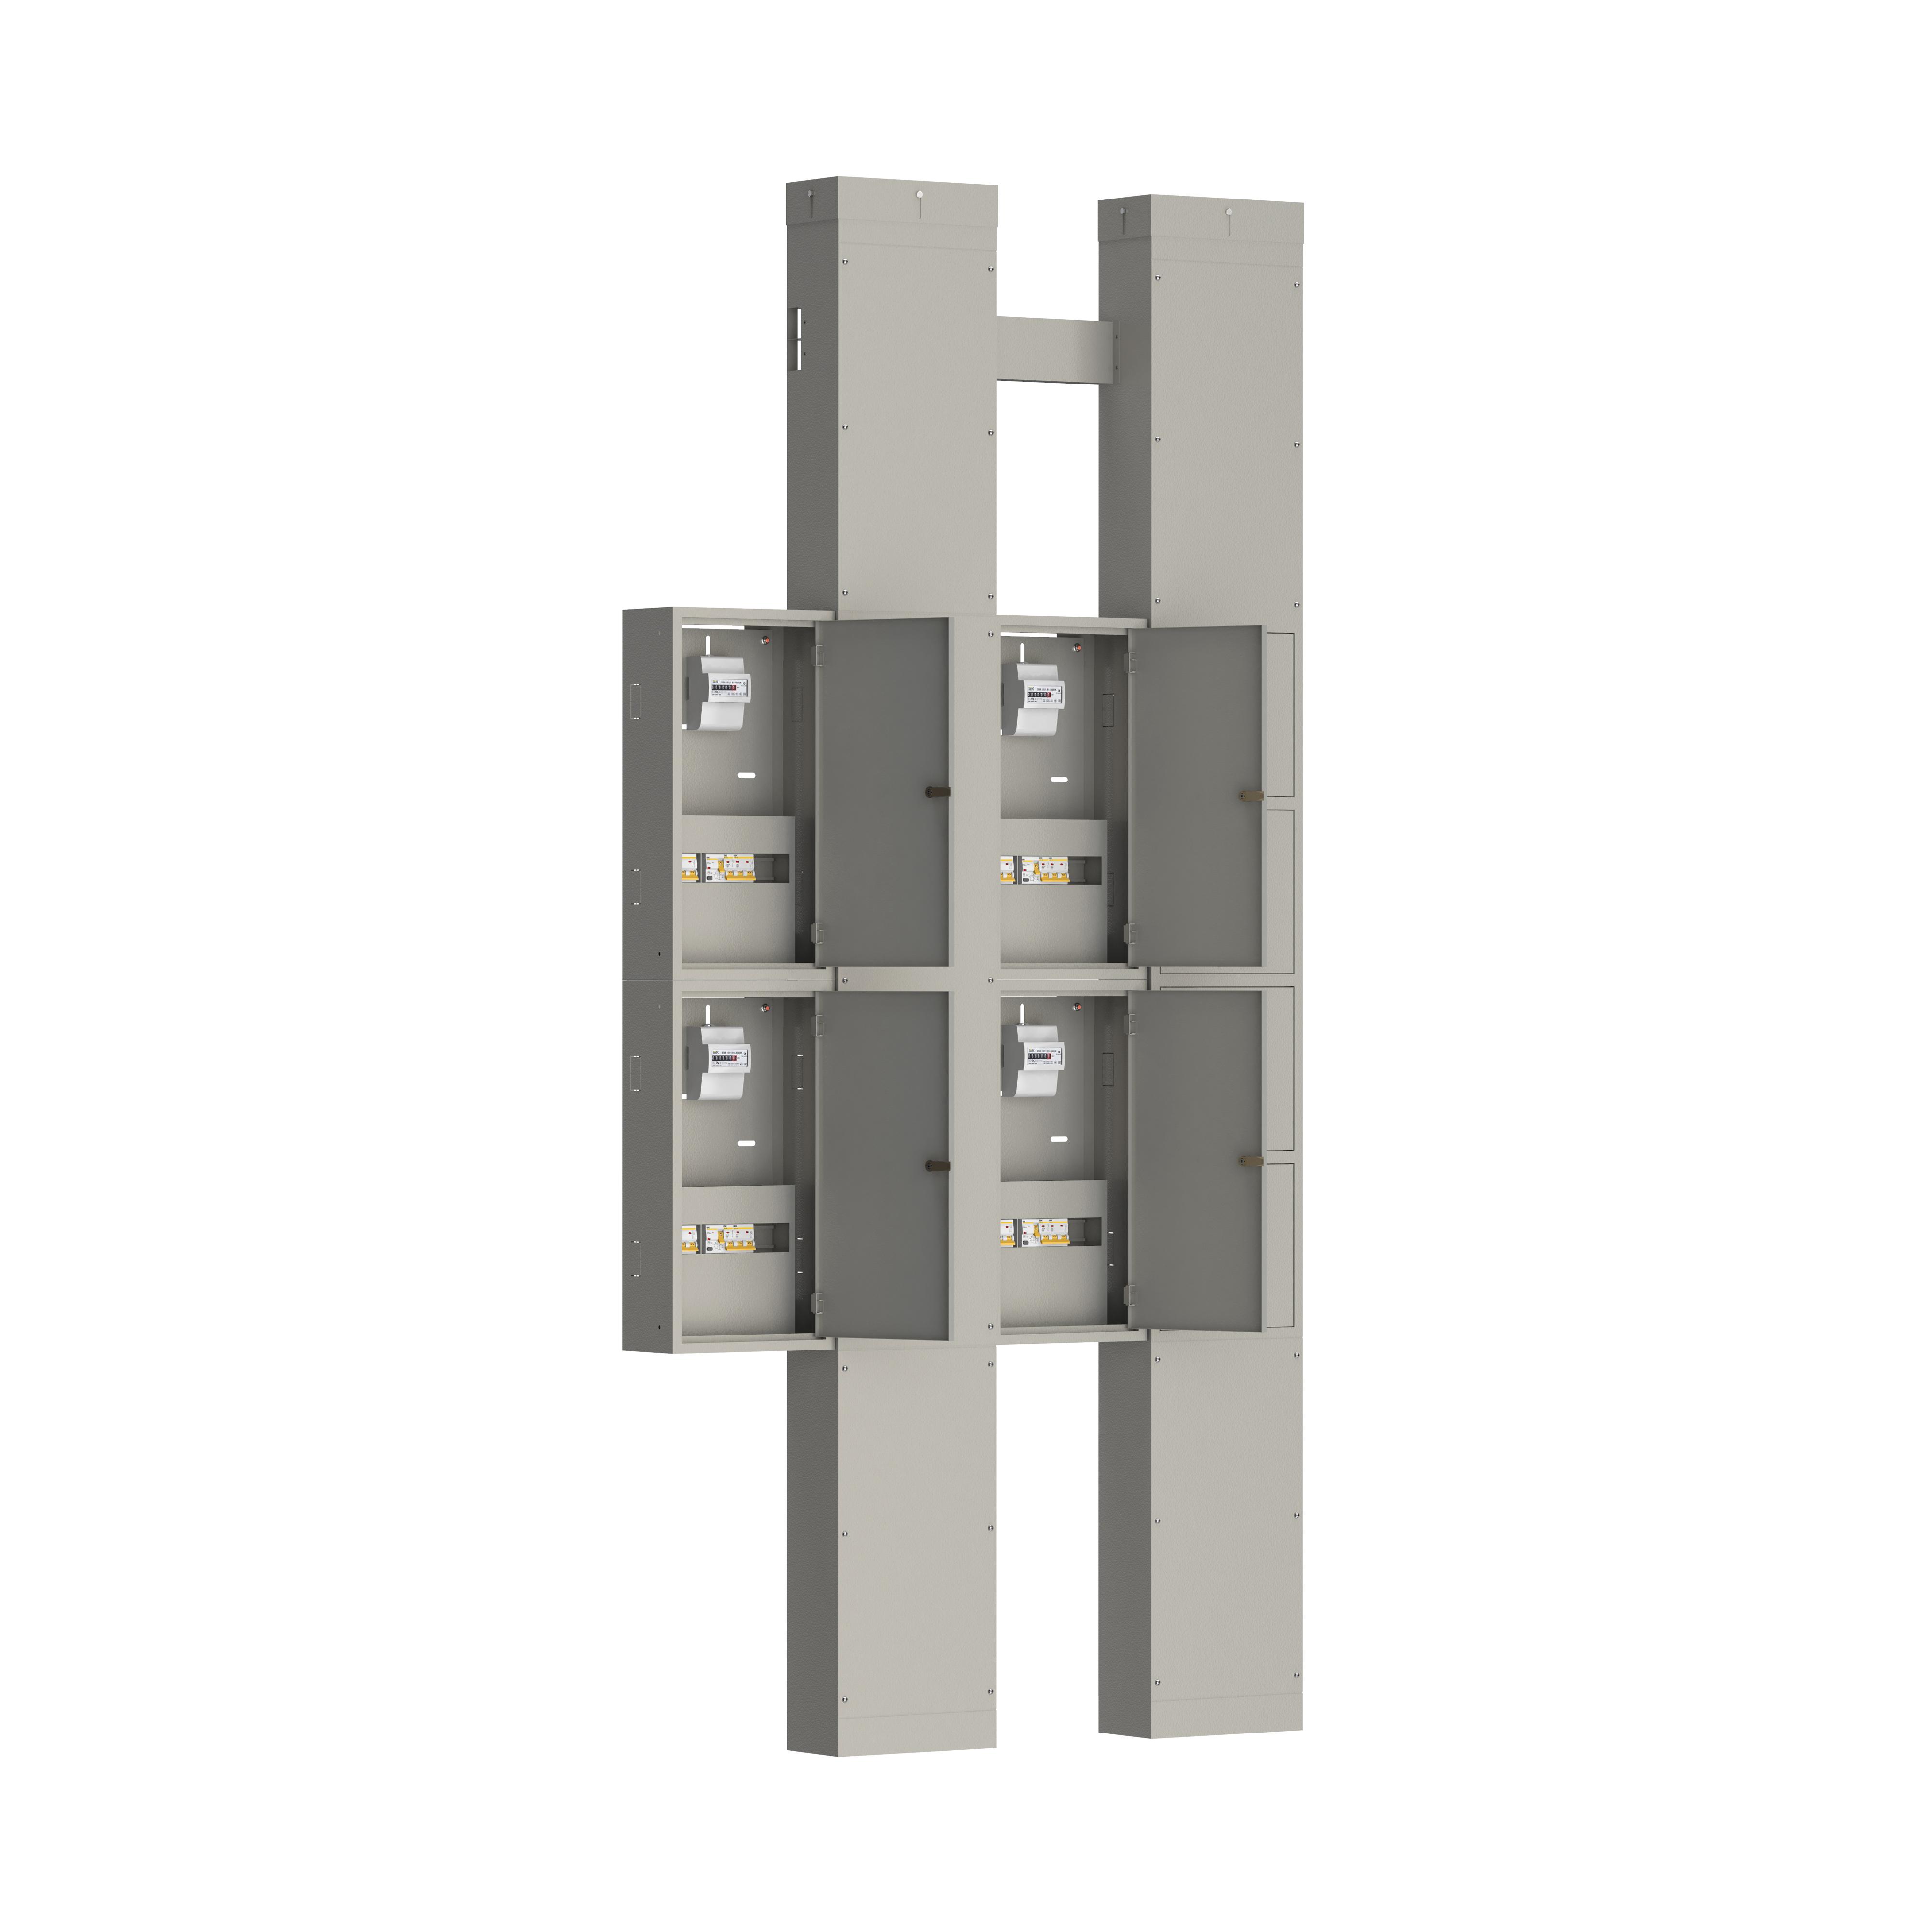 Устройство этажное распределительное УЭРМ-41 на четыре квартиры с однофазным вводом с характеристикой D в каждую квартиру IEK